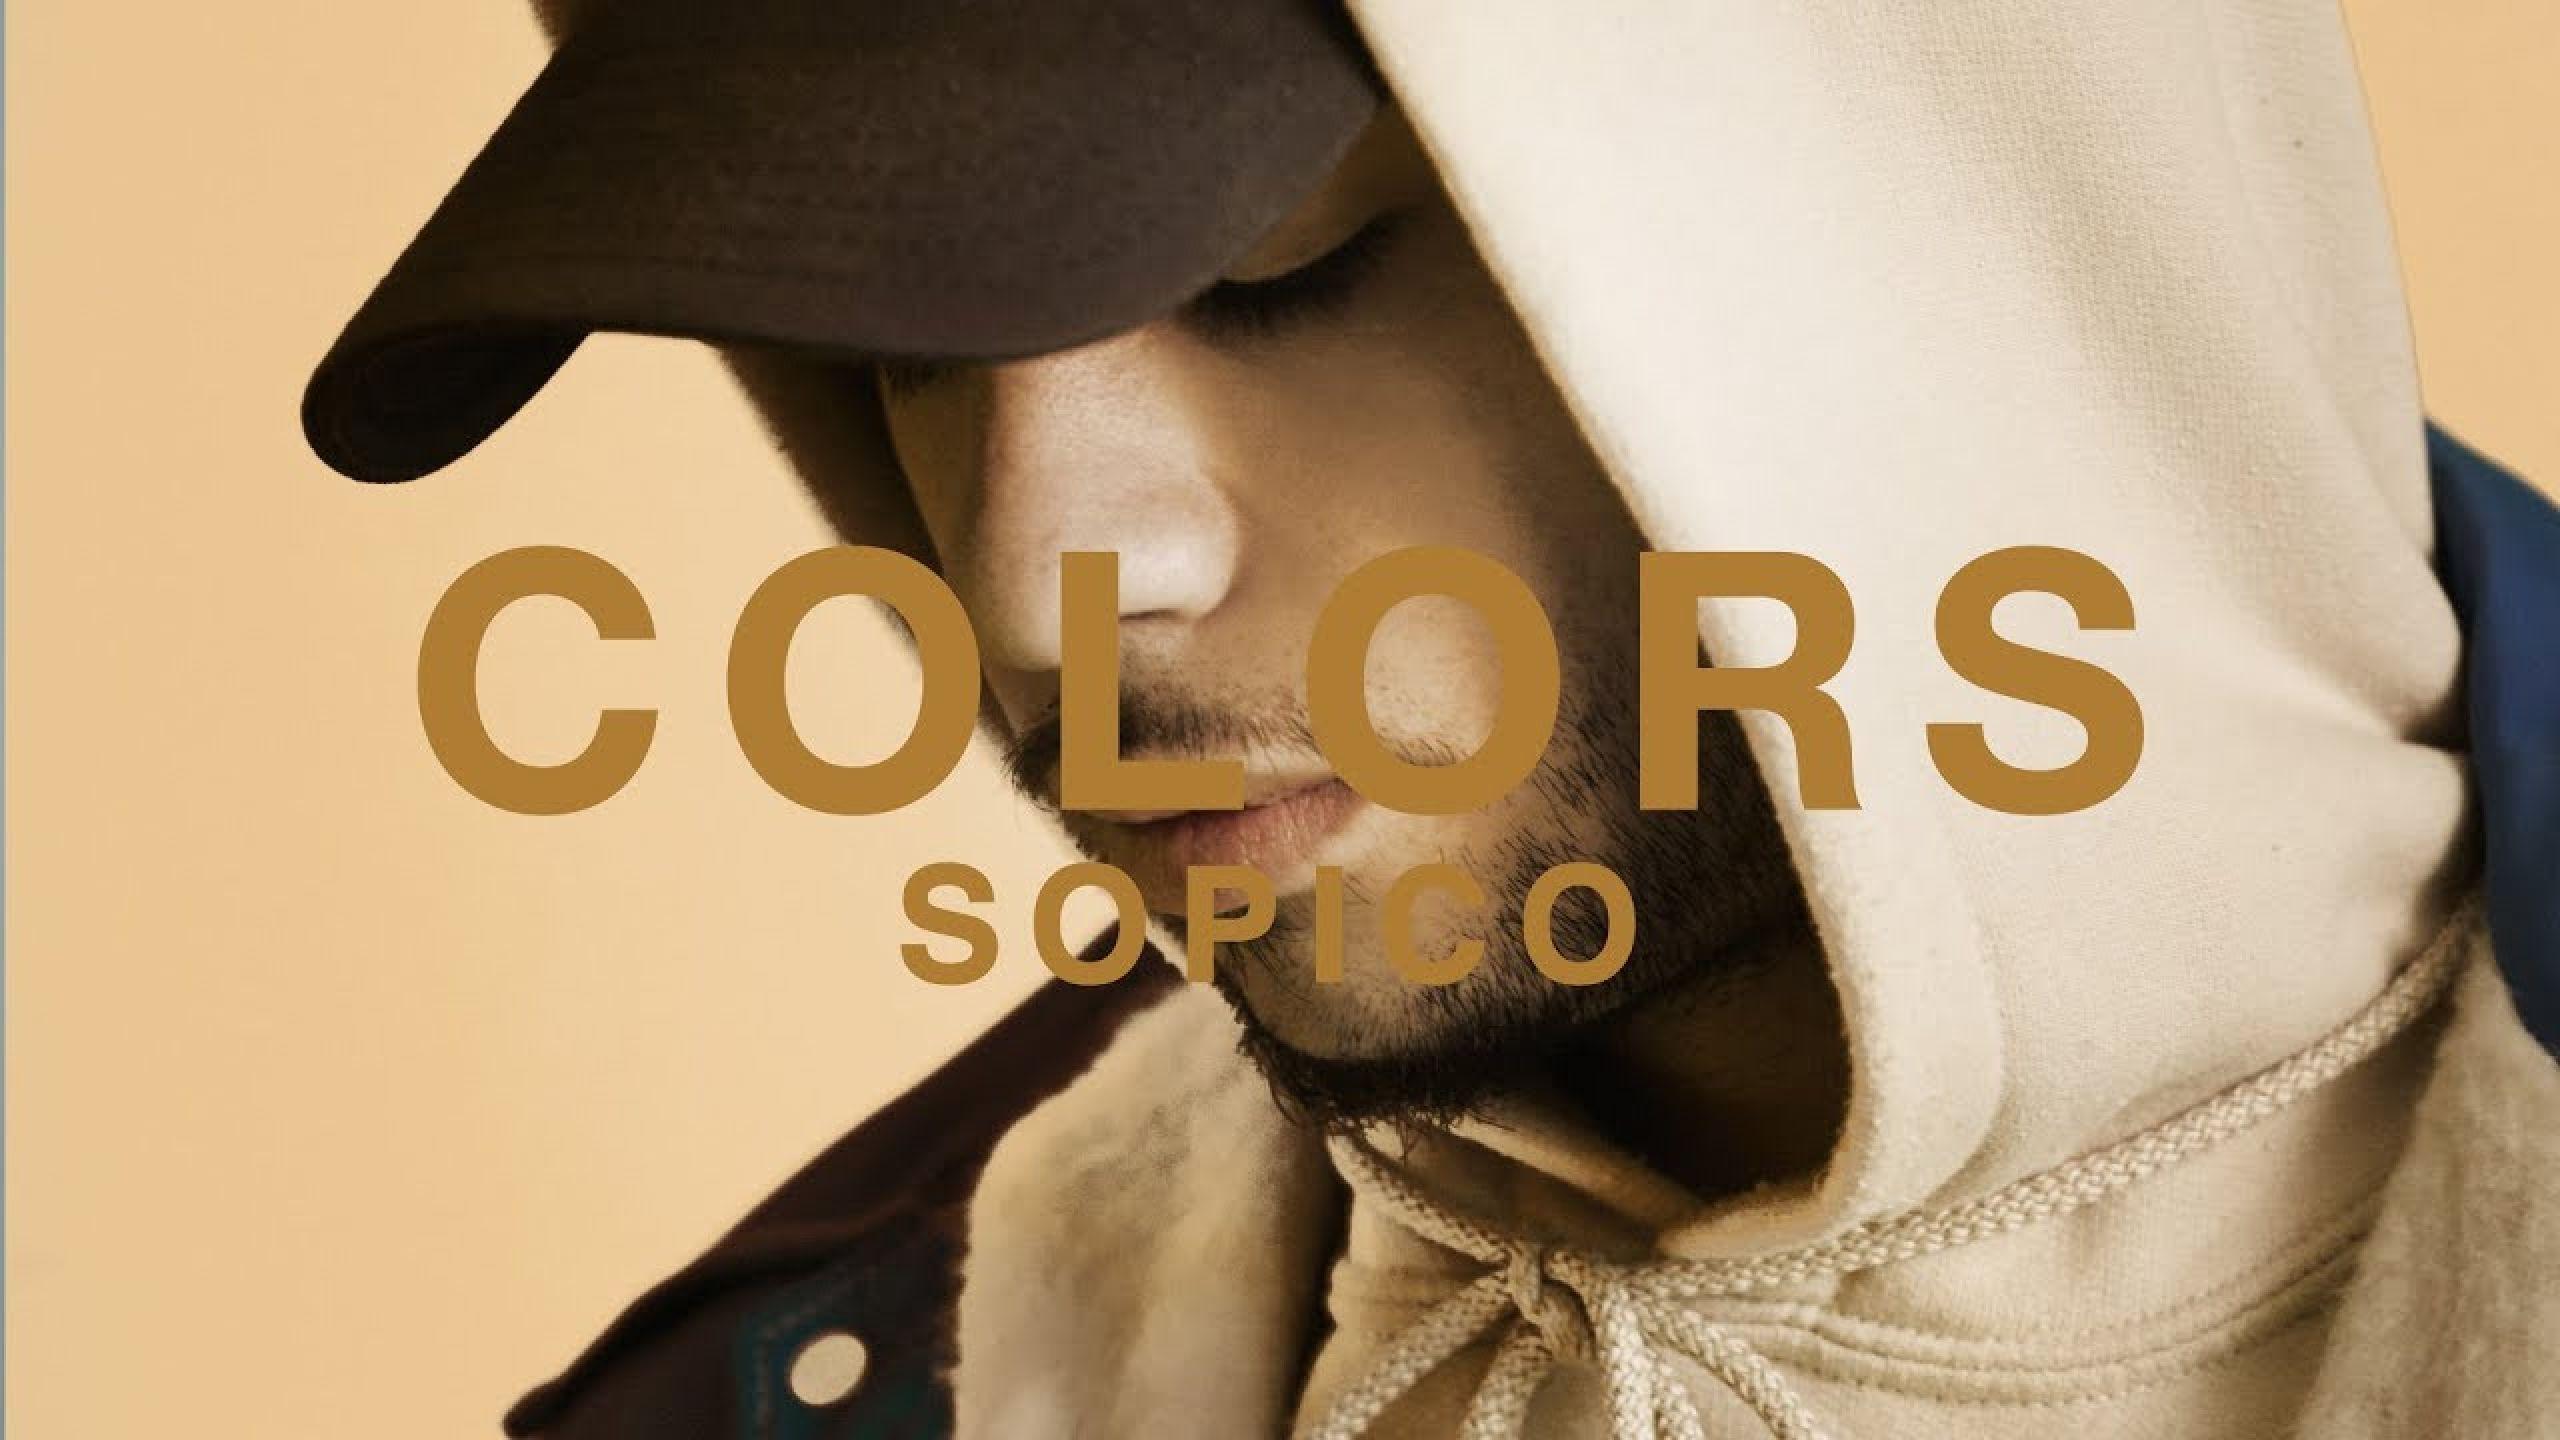 Ou Le Colors La Hasard ShowVêtementsMode Sopico ChanceA 29WDIEH